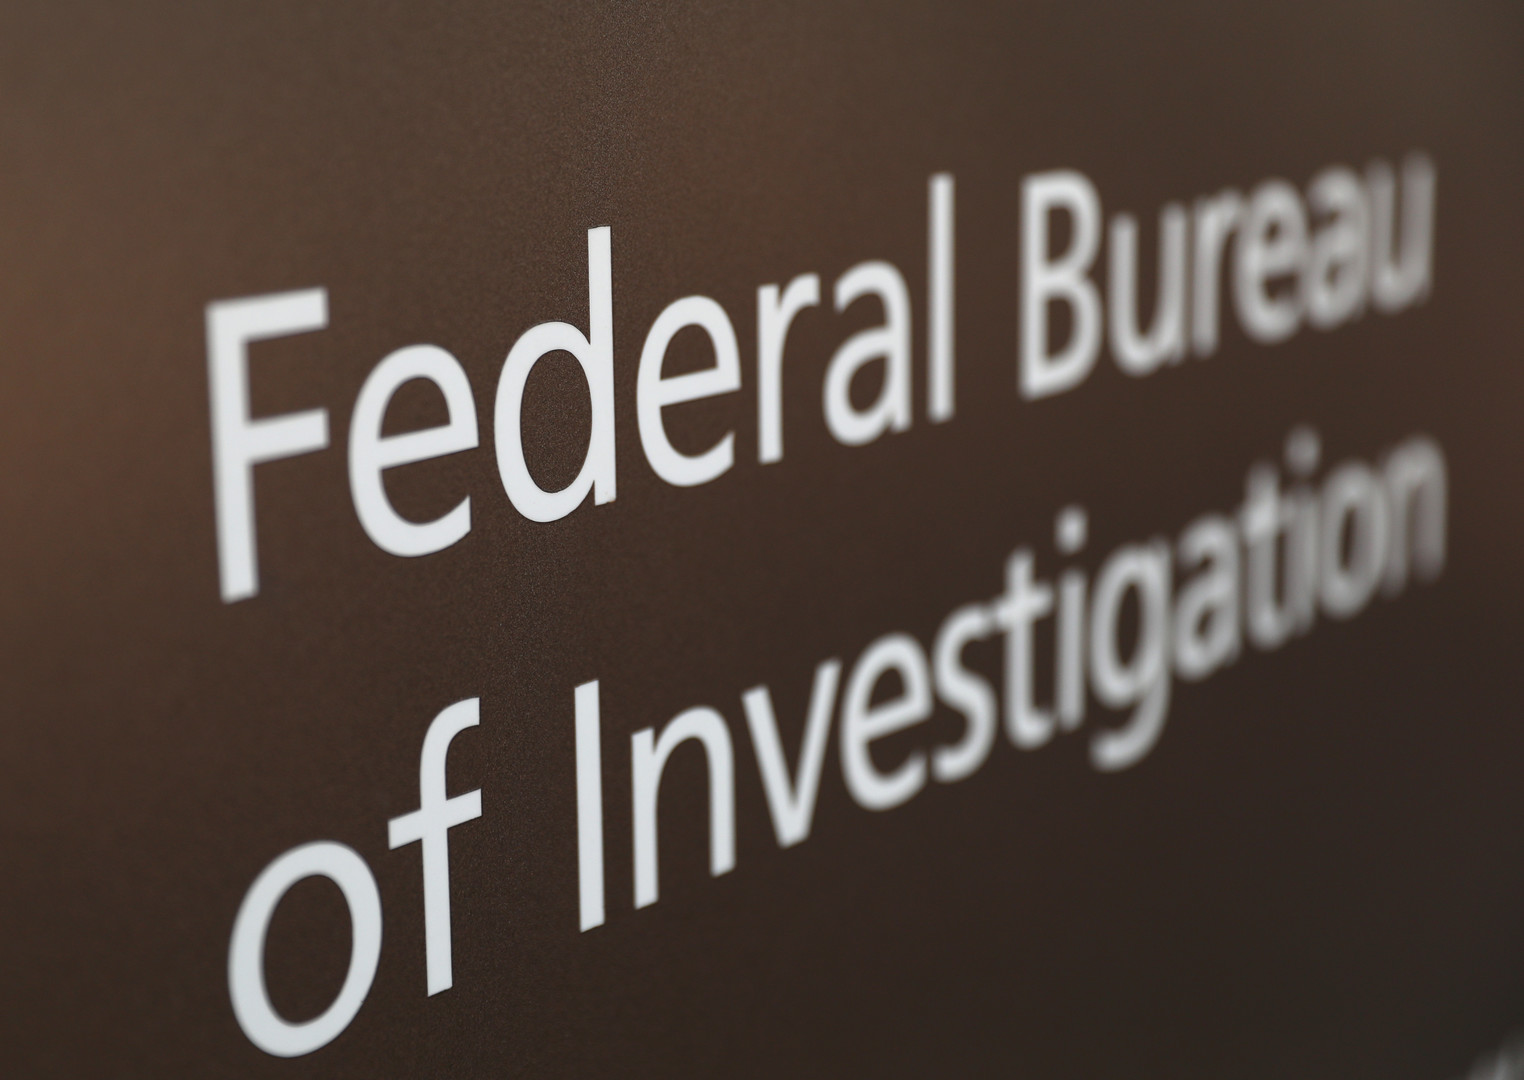 متدربات أمريكيات في مكتب التحقيقات الفيدرالي يكشفن عن فضيحة